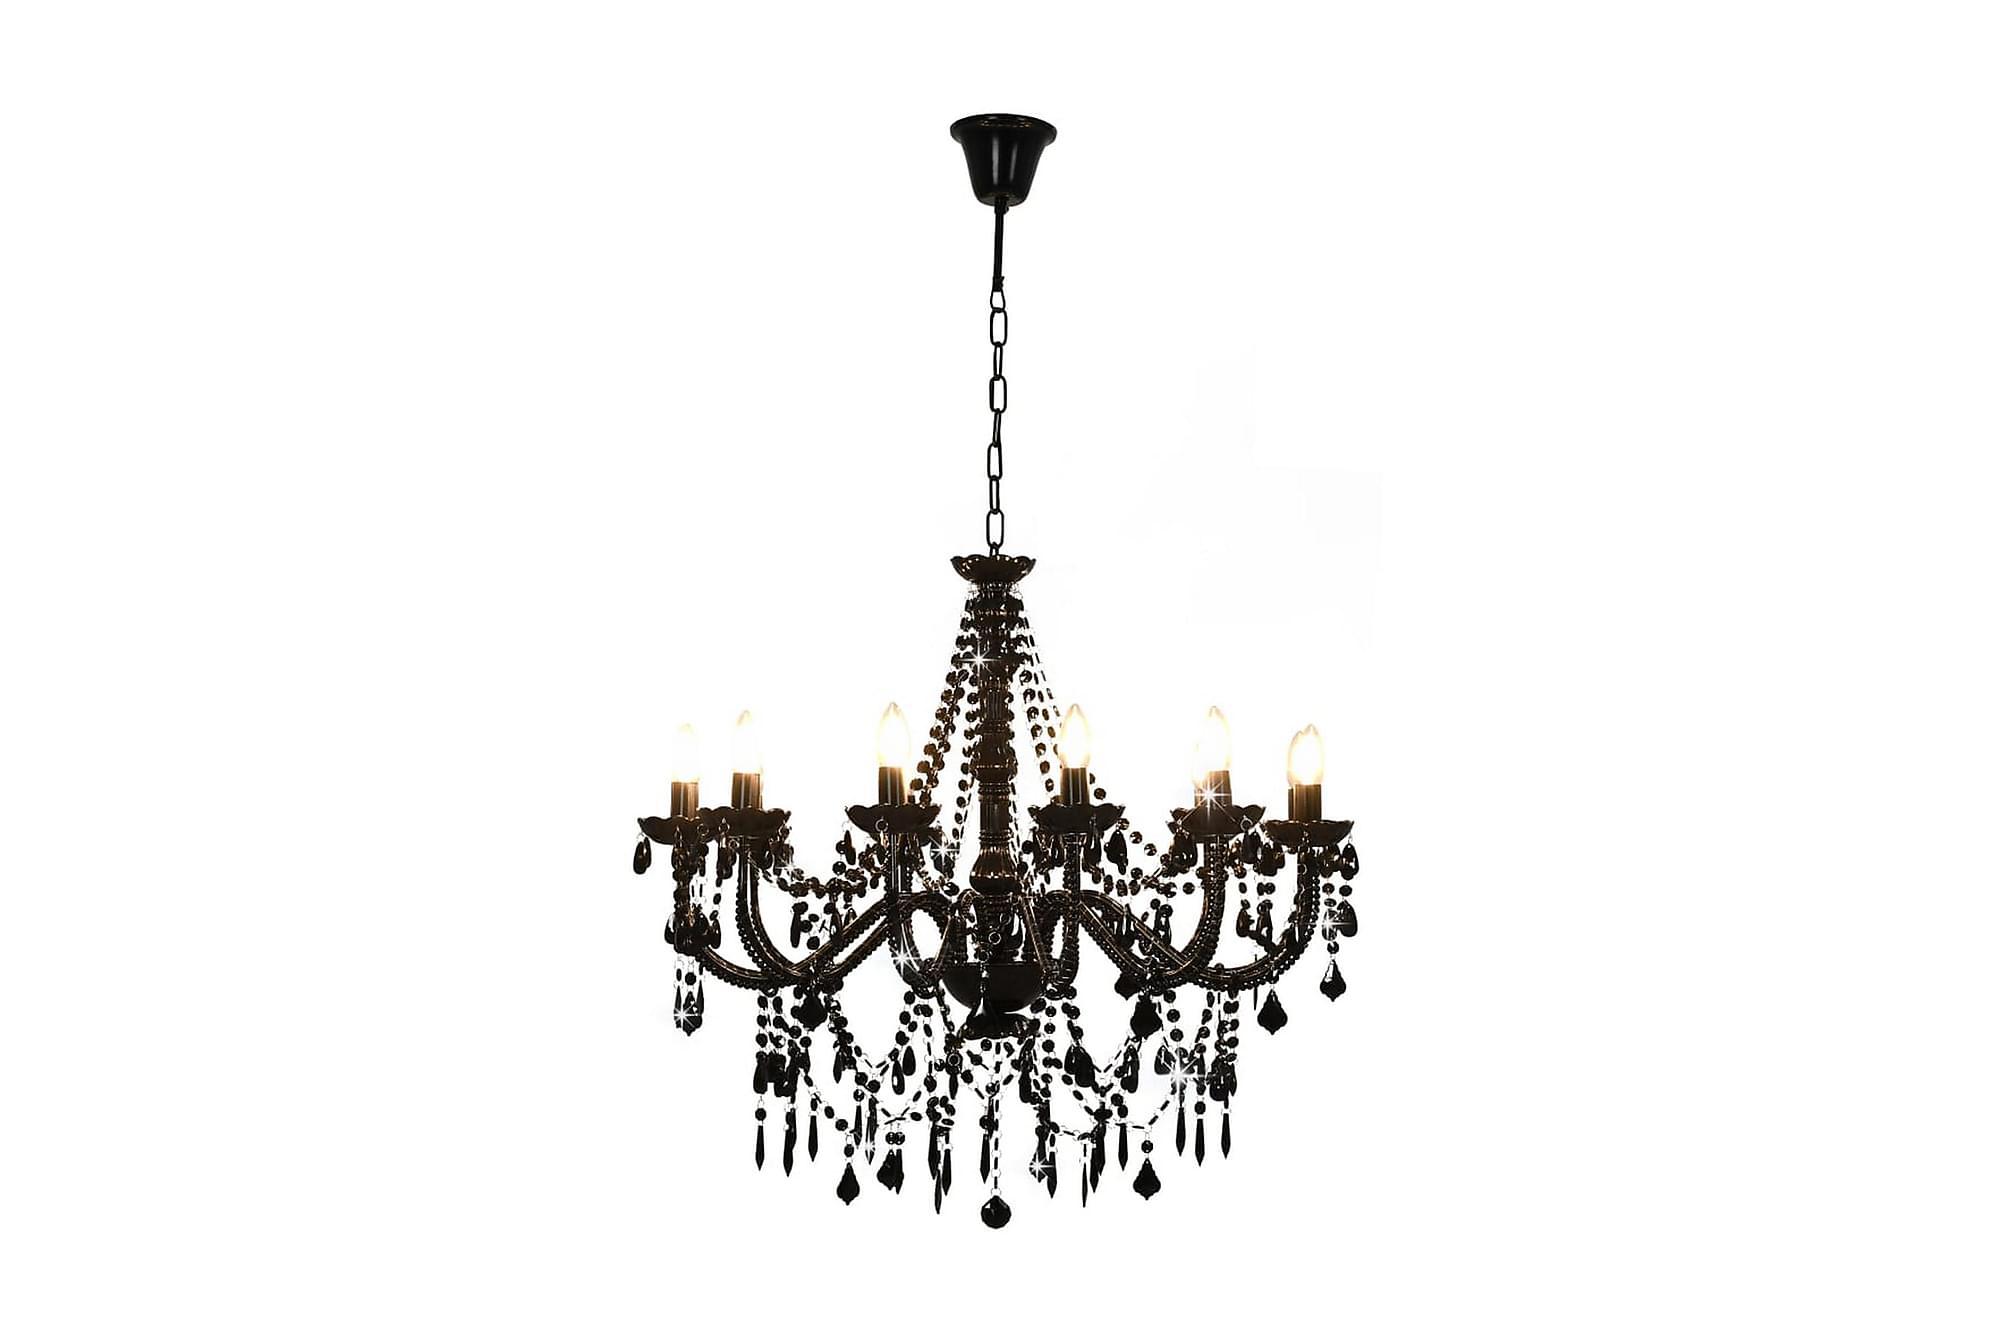 Takkrona med pärlor svart 12 x E14-glödlampor, Taklampor